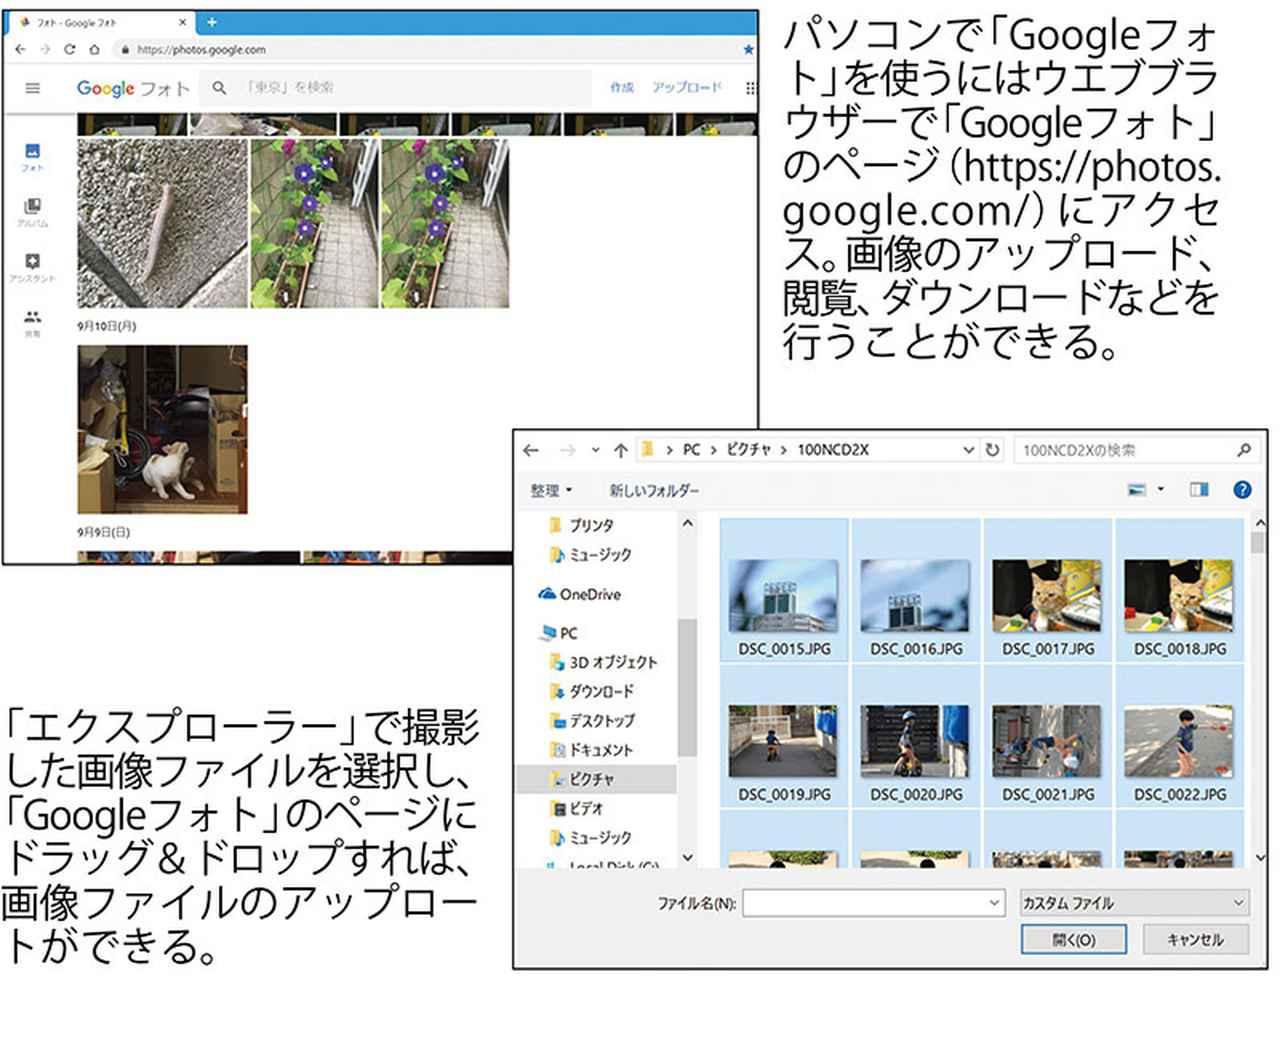 画像3: 【撮影後の画像】データ保存はNASがおすすめ!クラウドにも保存で消失回避